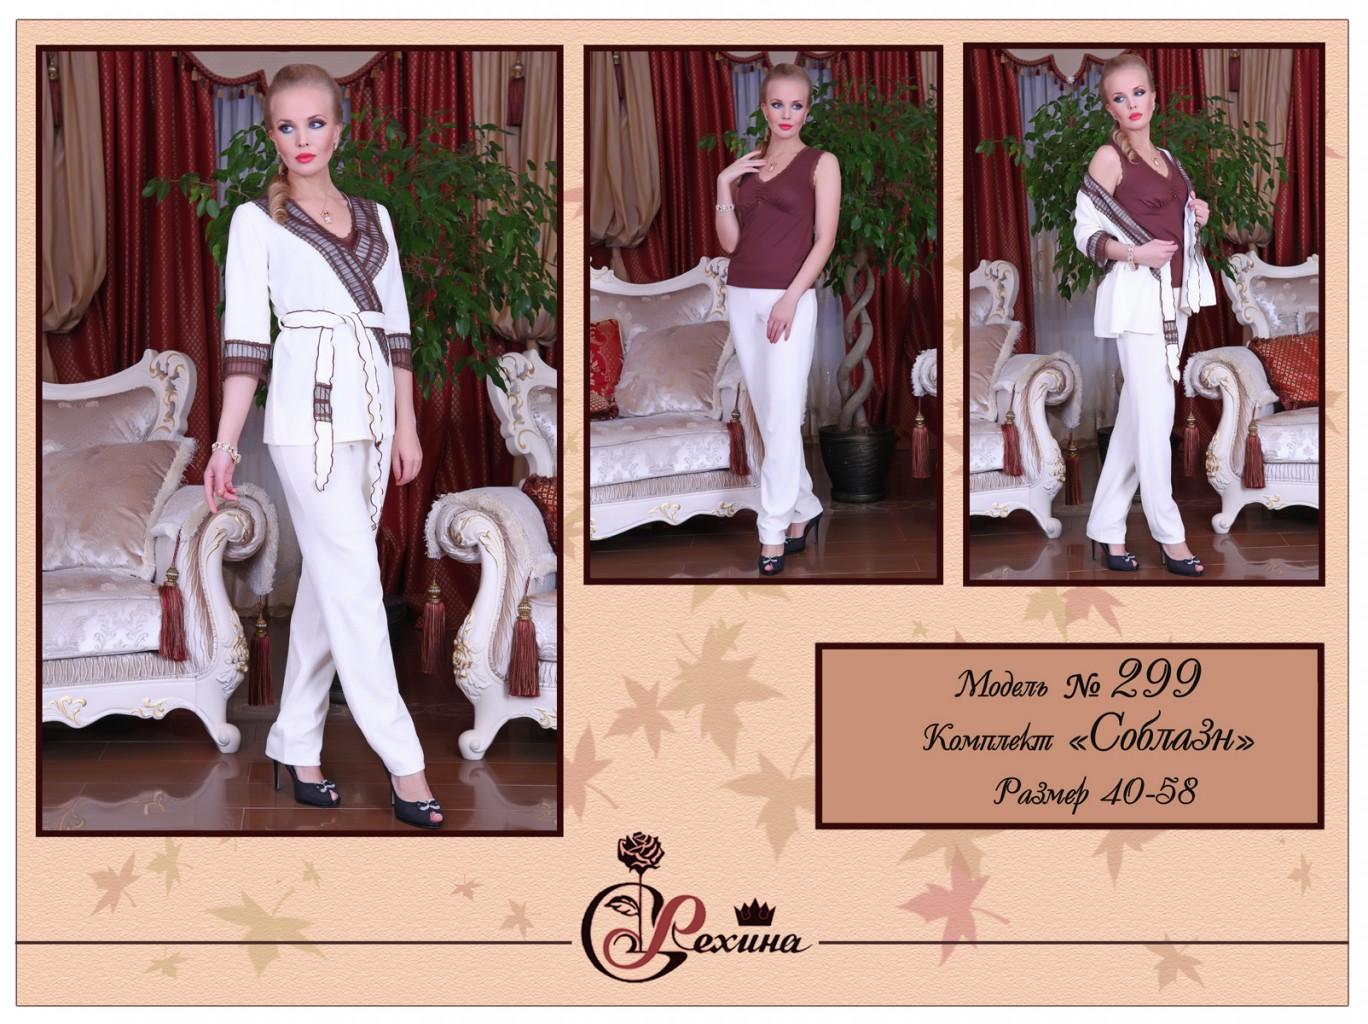 Сбор заказов. Огромный выбор одежды для дома и отдыха ТМ Рехина. Сорочки, халаты, пижамы, костюмы и многое другое по